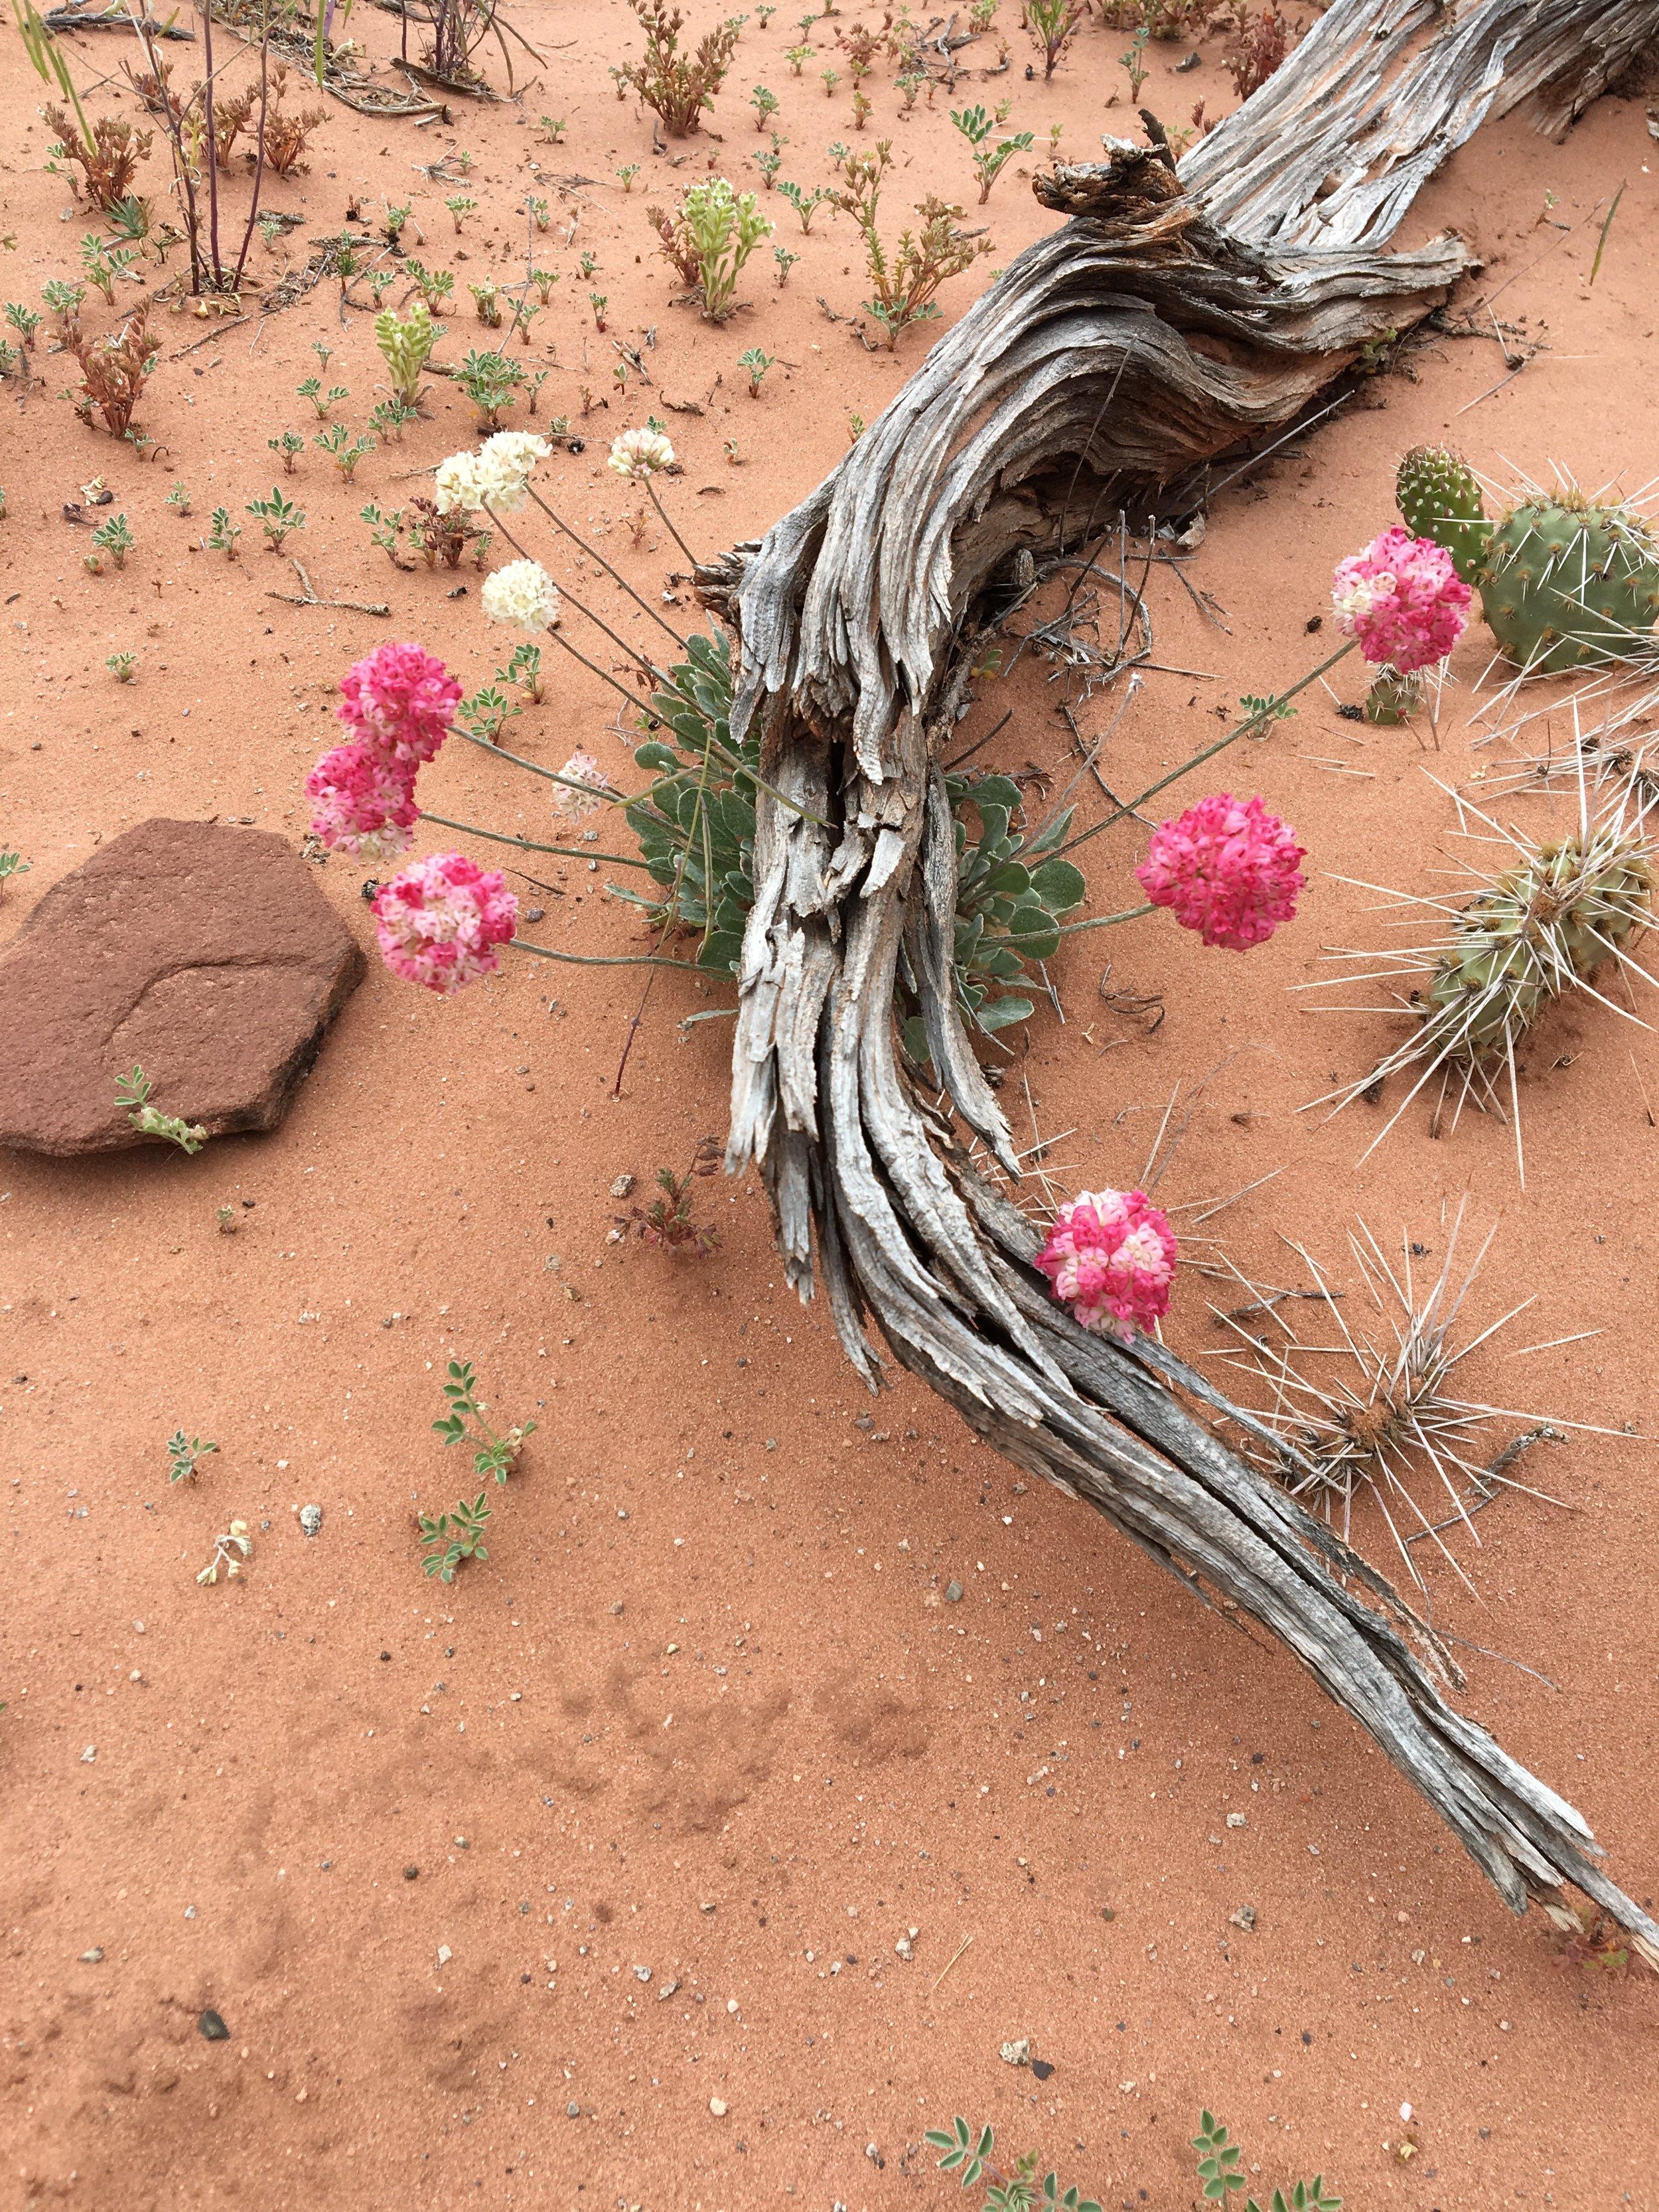 desert flower2.JPG